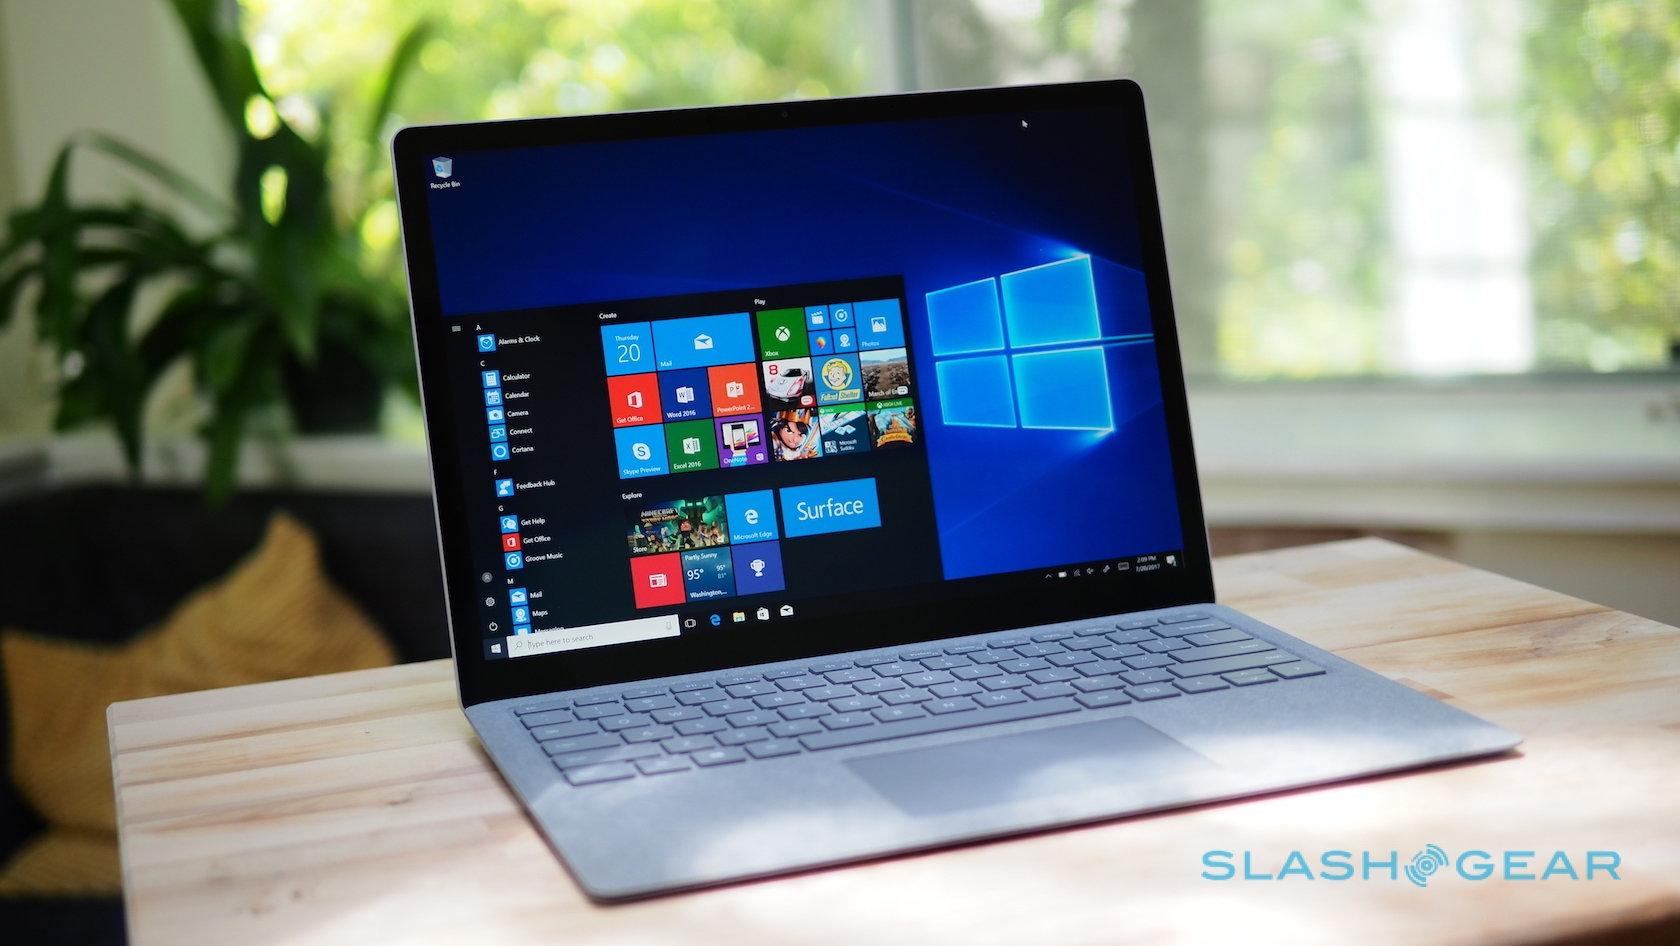 Chia sẻ tool kích hoạt bản quyền Windows 10 online, 100% không virus